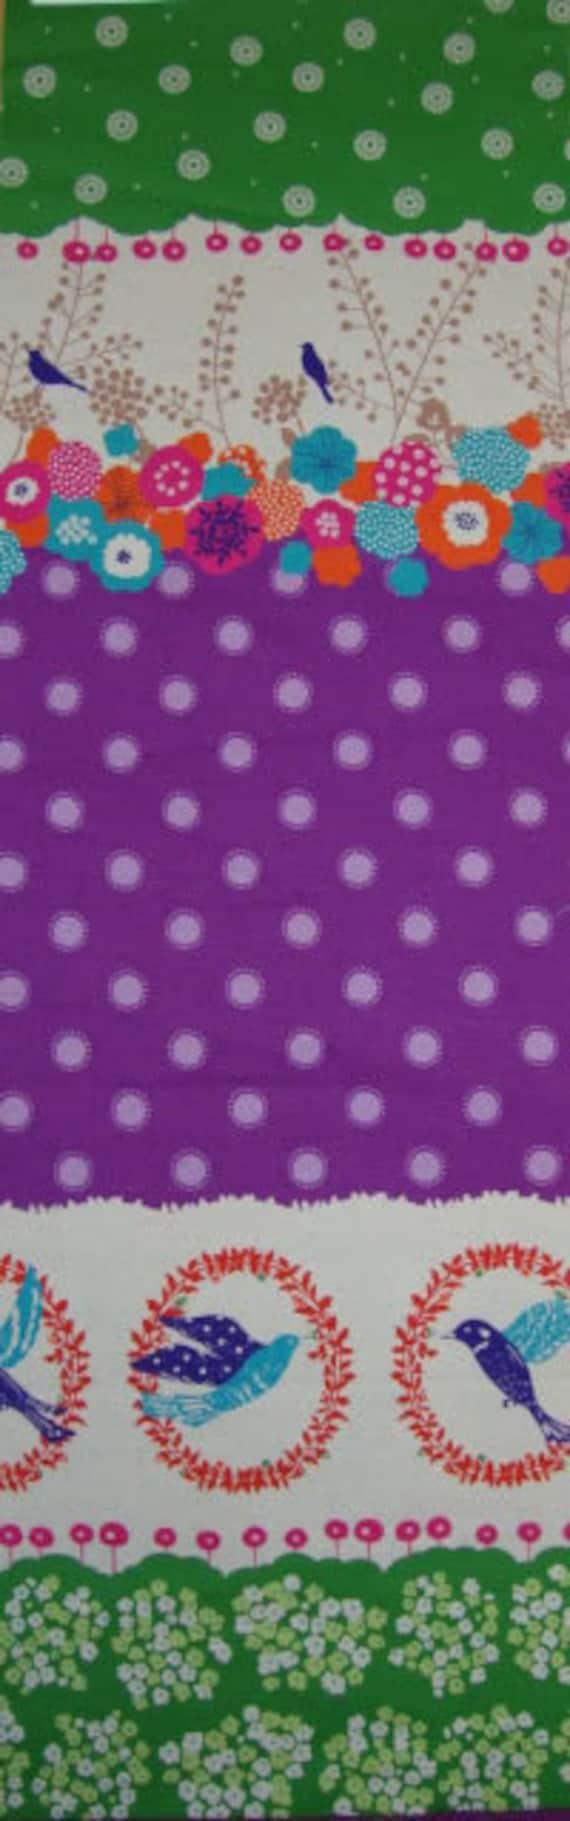 last one - SHOP CLOSING SALE - fabric sale - Etsuko Furuya, Echino, Bird in Wreath in Purple and Green - 1/2 yard